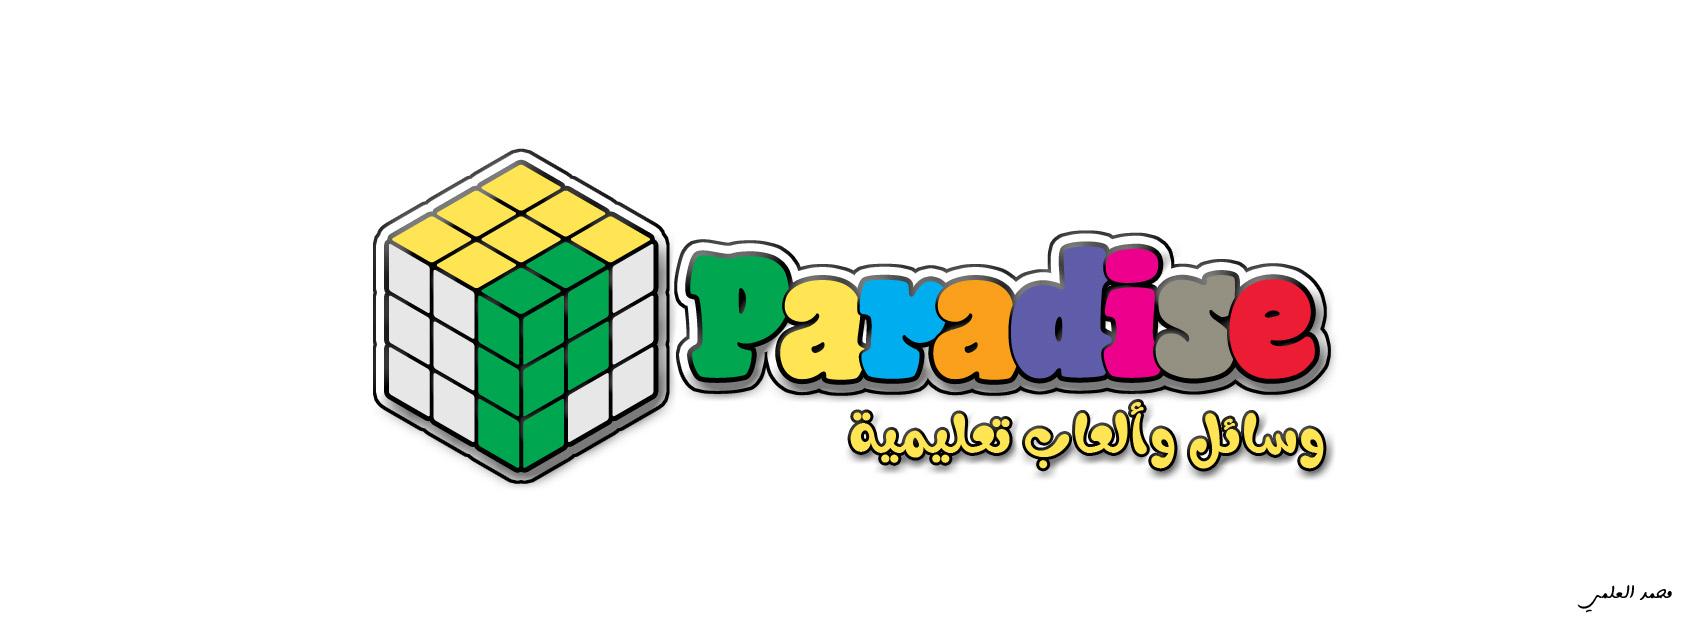 بارادايس Paradise Cover Image